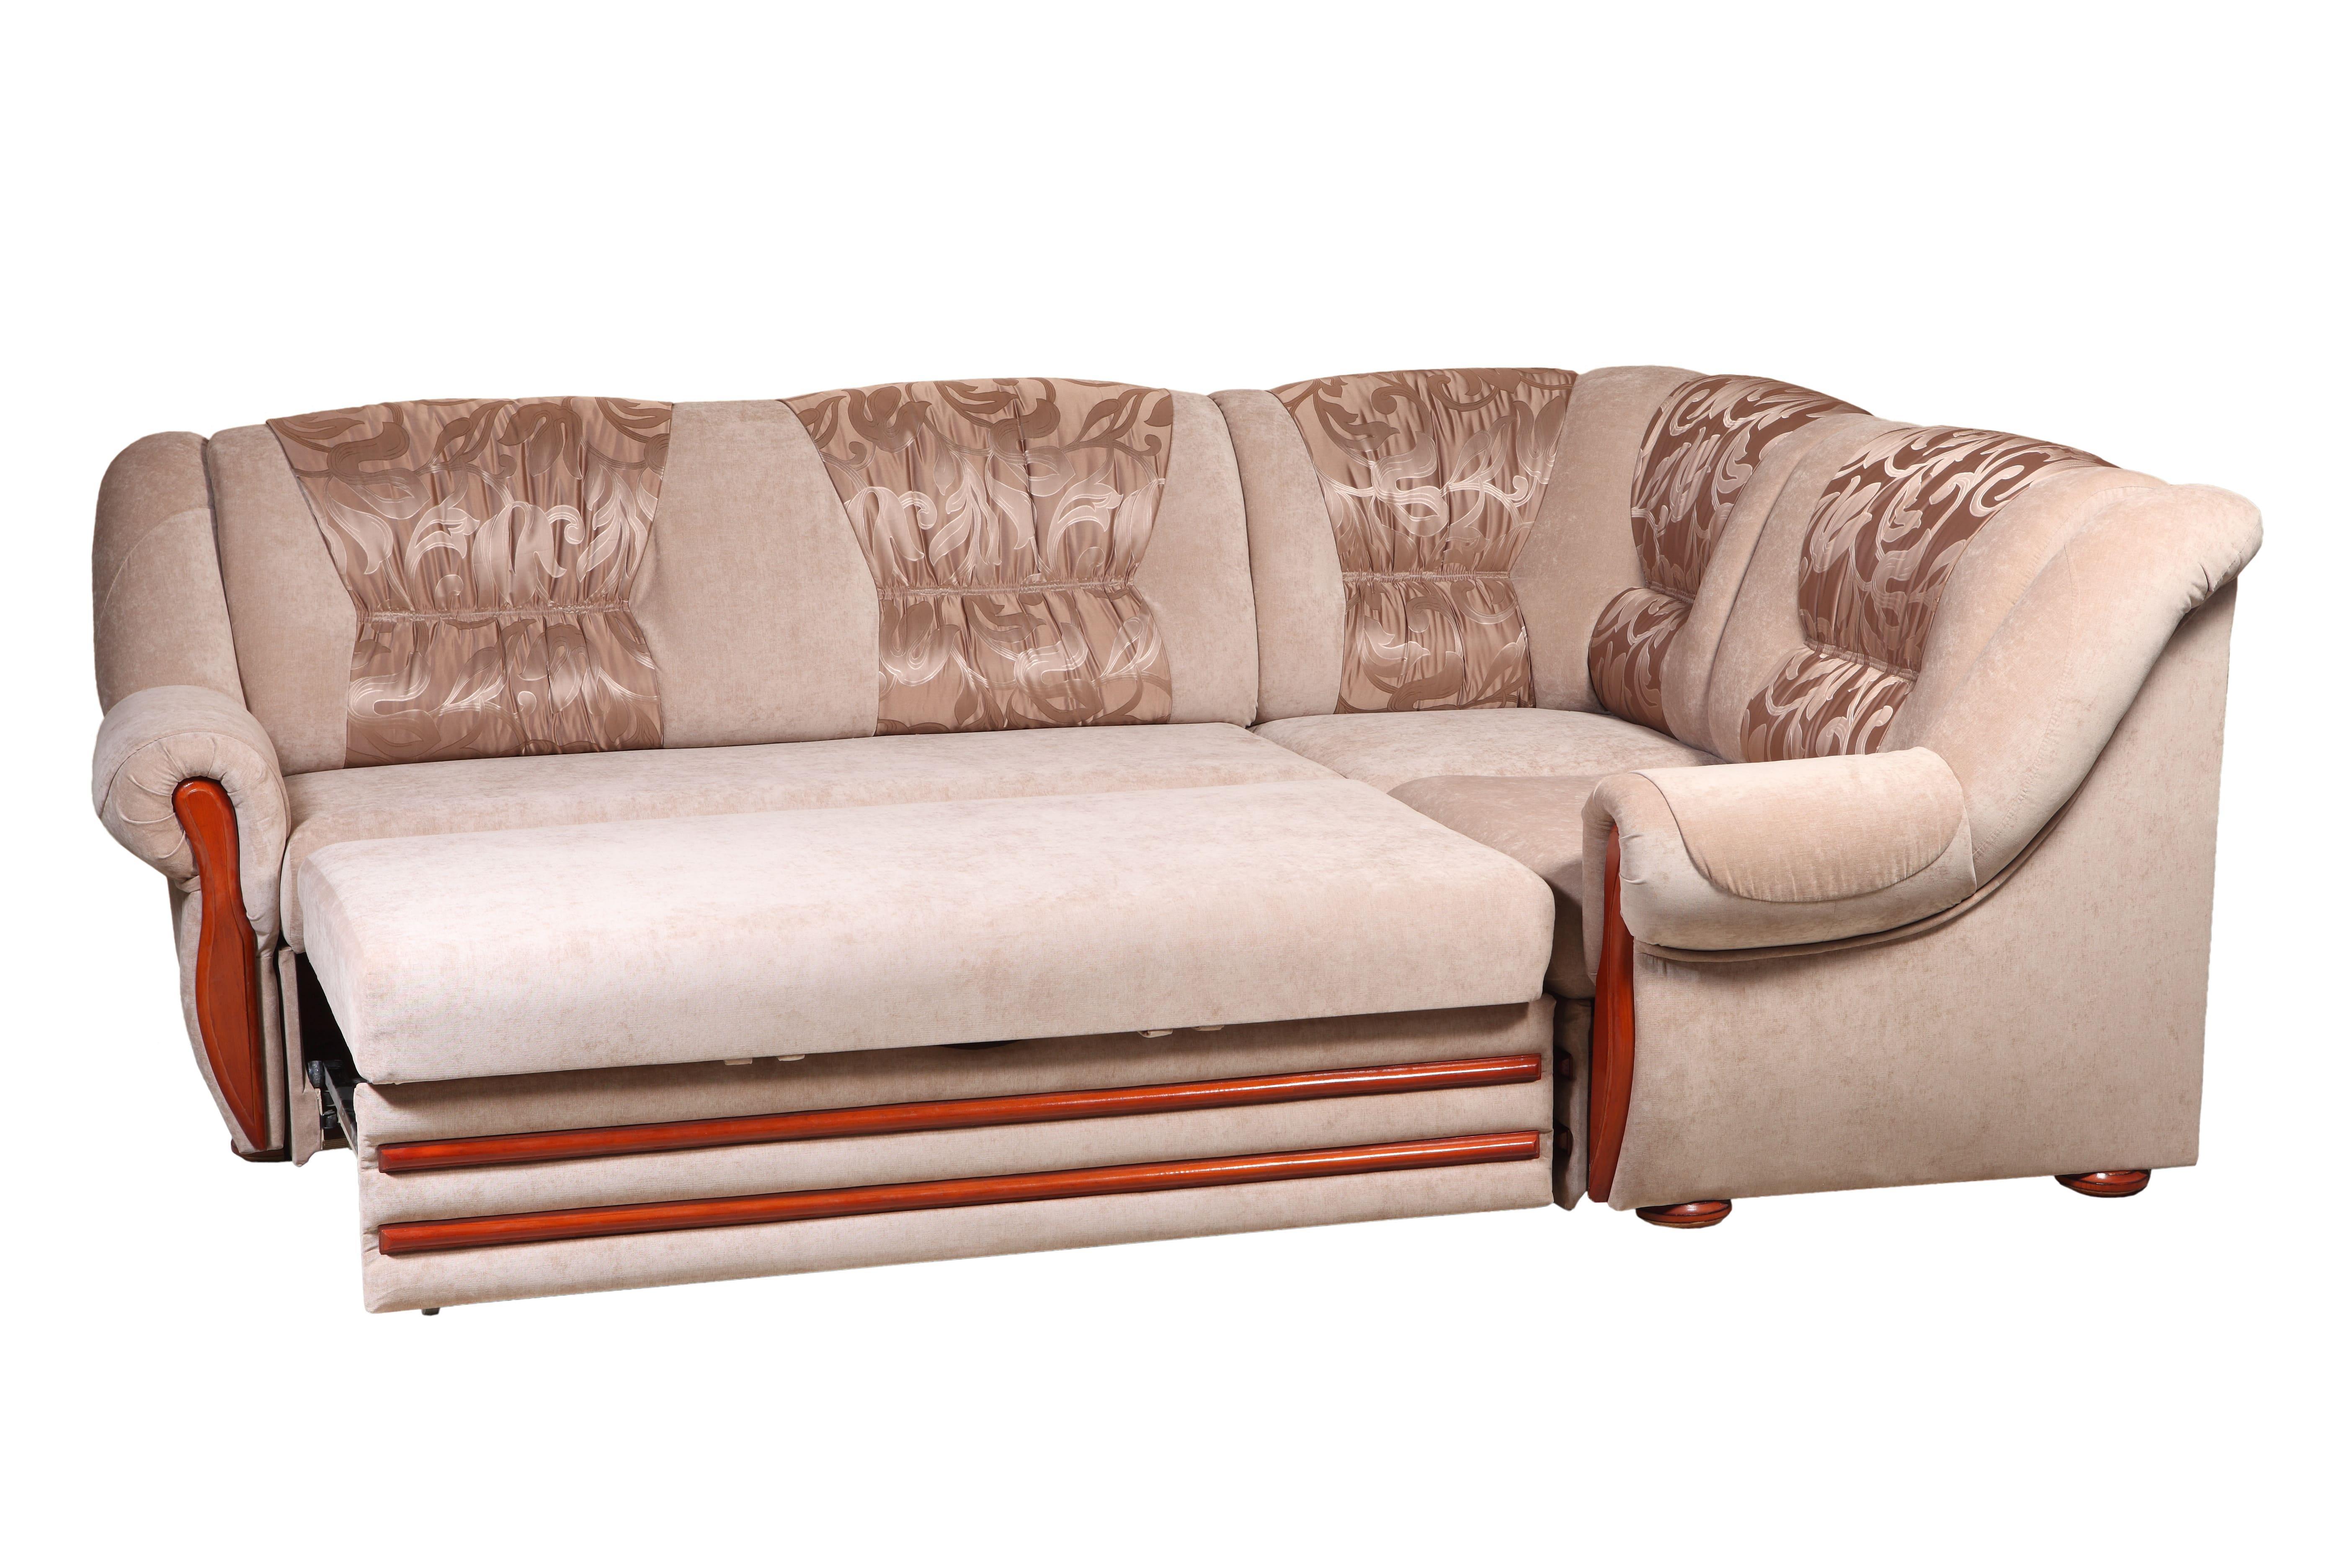 24 дивана в Москве